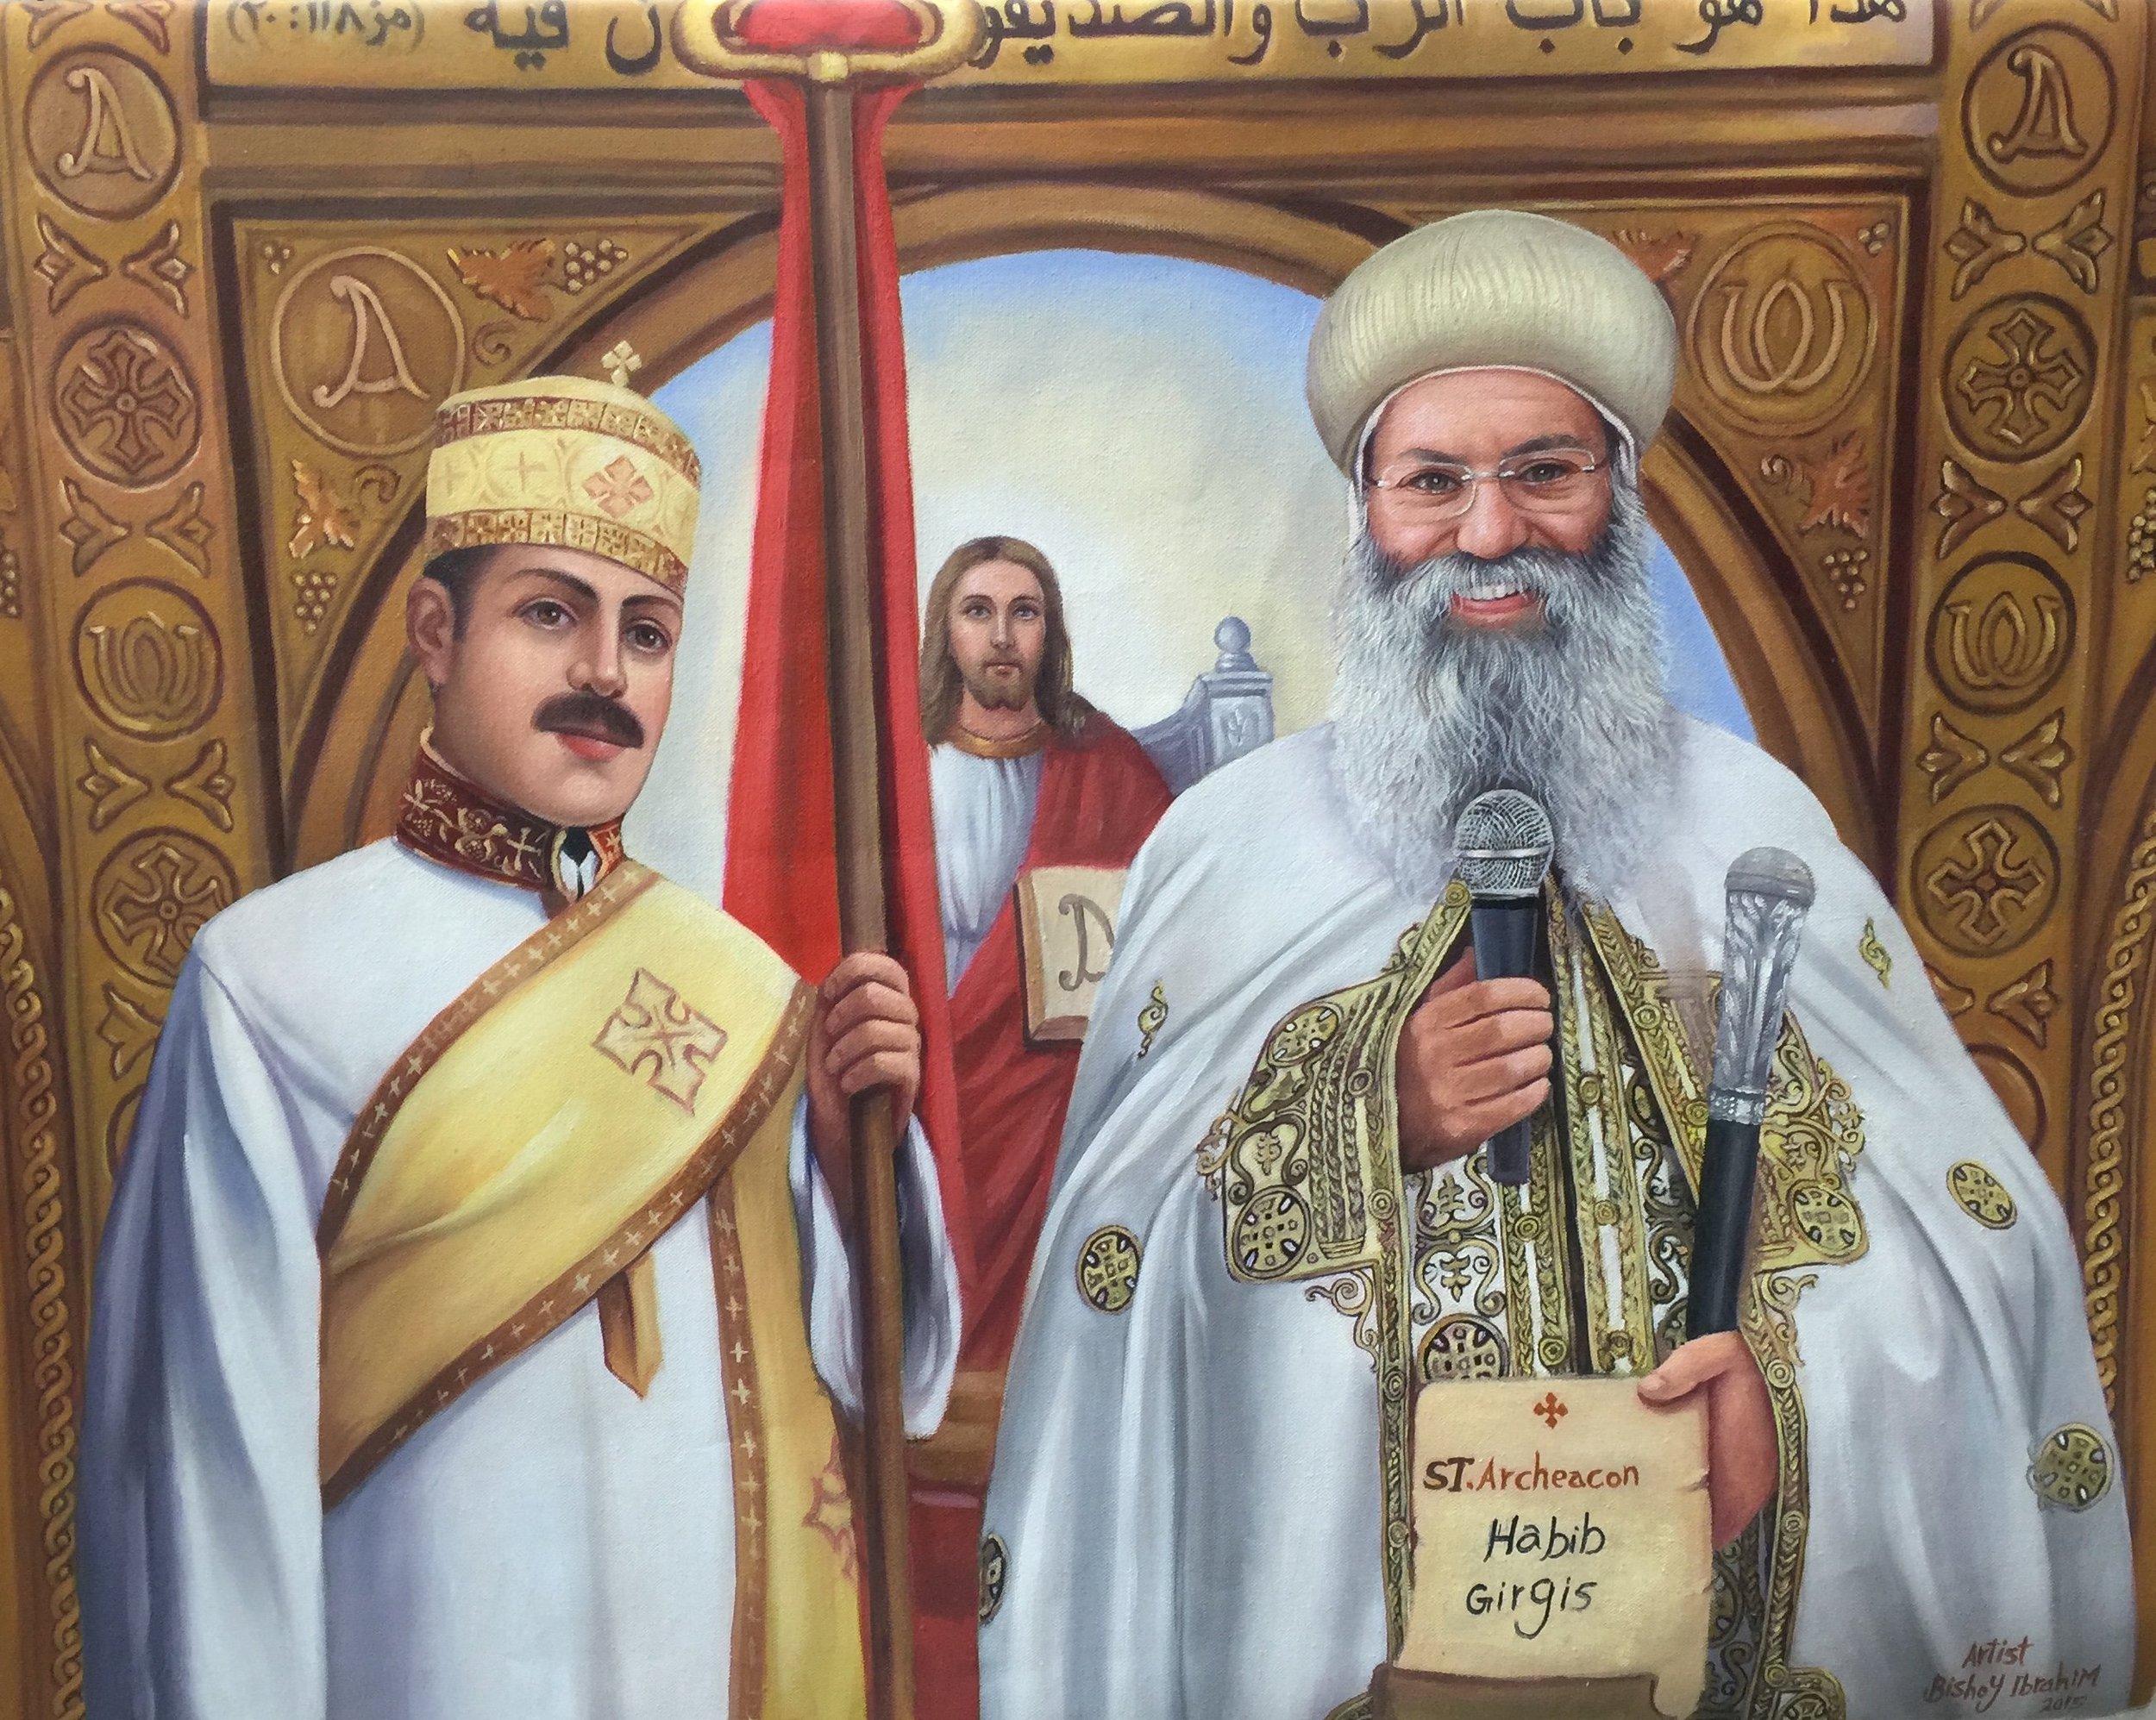 Habib Girgis and Bishop Suriel (with permission from  Bishop Suriel )